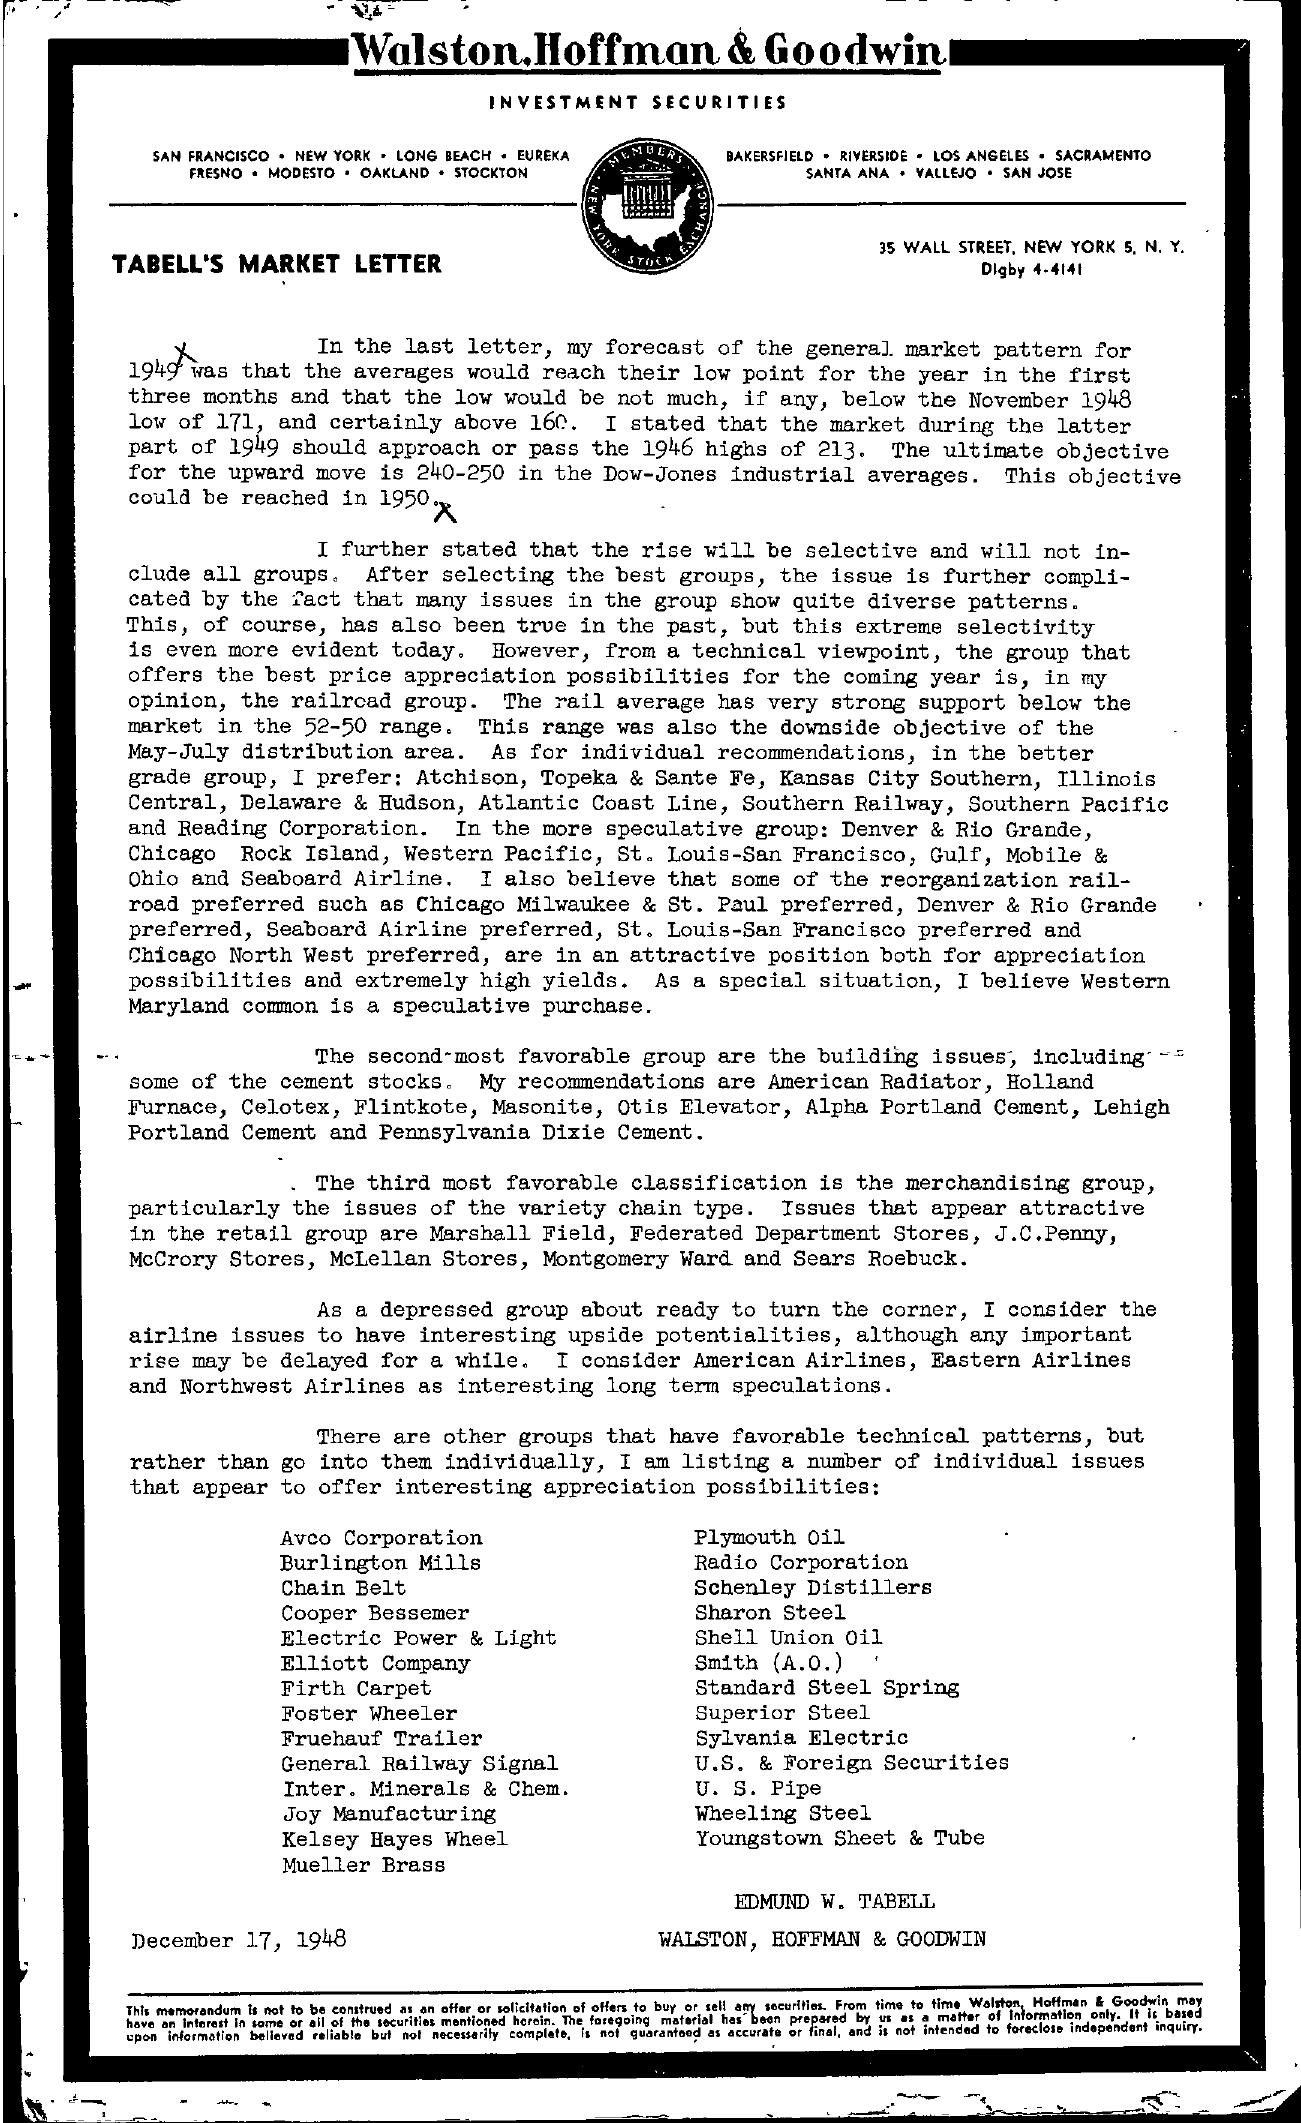 Tabell's Market Letter - December 17, 1948